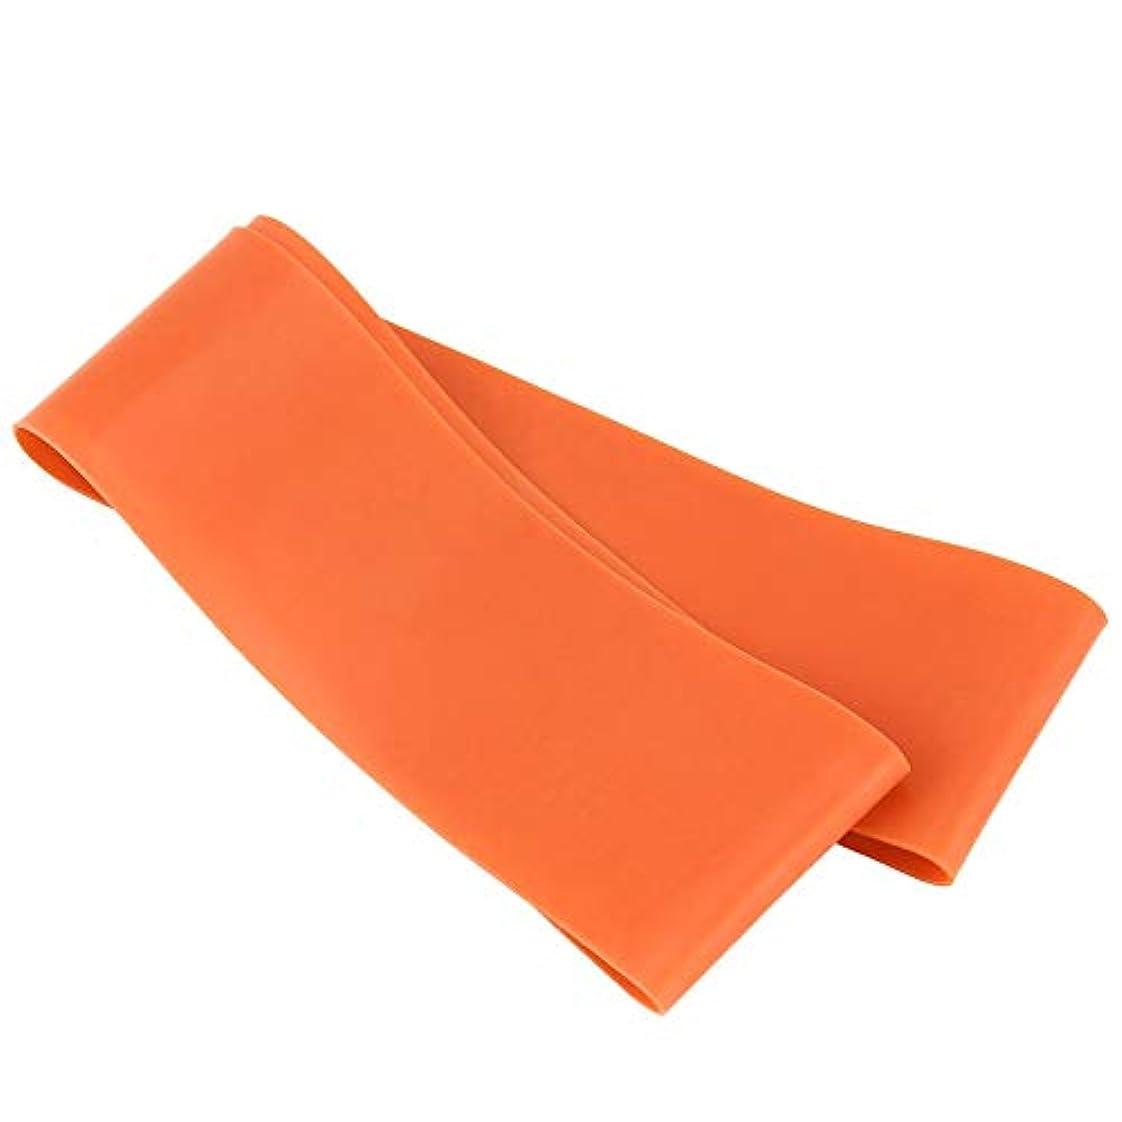 居住者後悔権限を与える滑り止めの伸縮性のあるゴム製伸縮性がある伸縮性があるヨガベルトバンド引きロープの張力抵抗バンドループ強度のためのフィットネスヨガツール - オレンジ